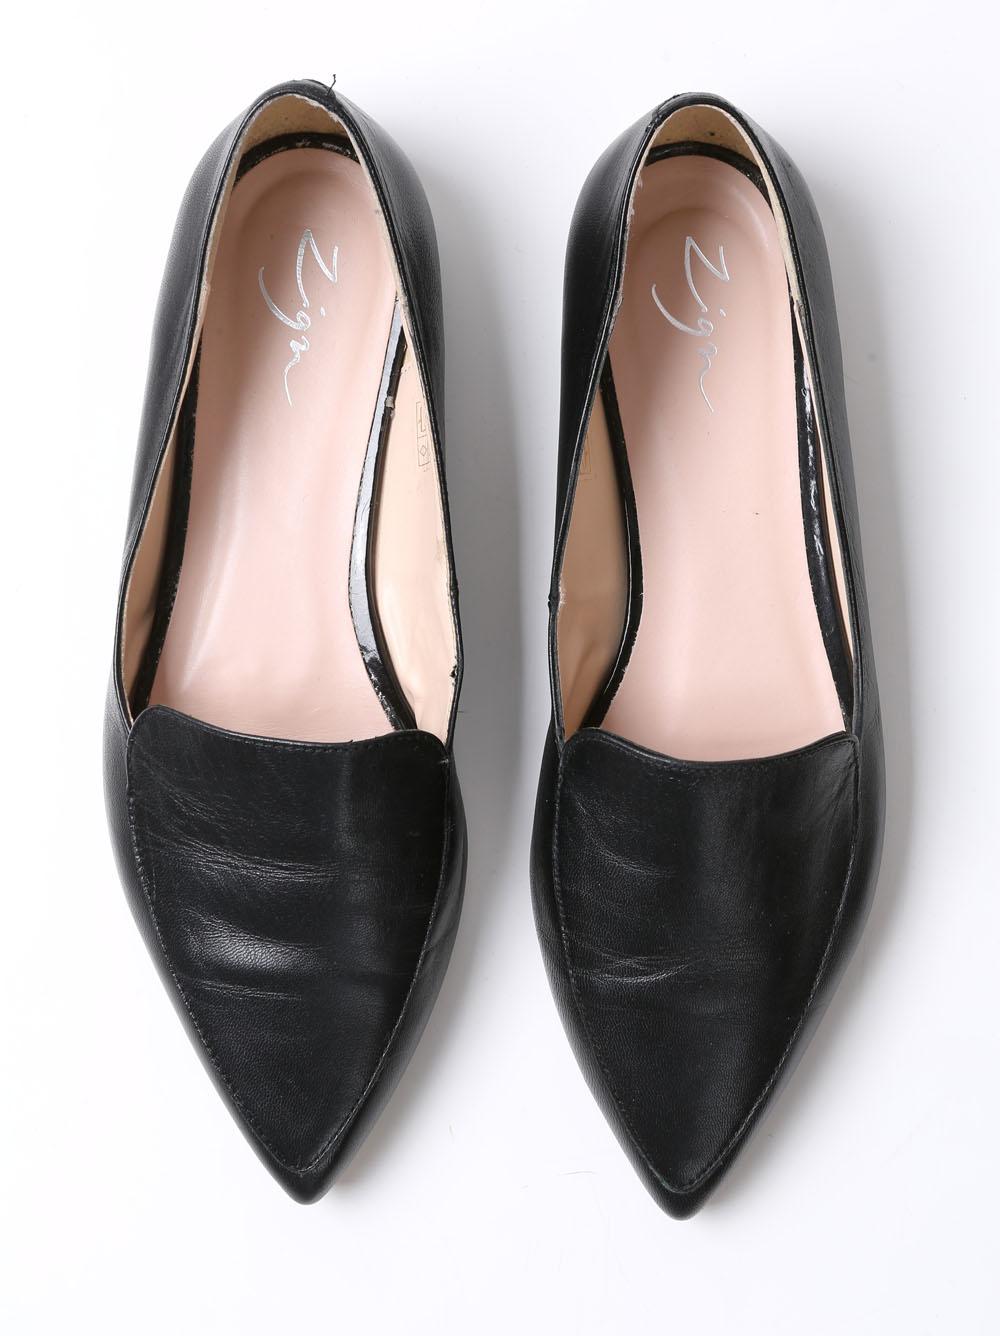 Melnas kurpes  Ādas, arī iekšpusē. Ļoti ērtas. 15 eiro, apavu veikals pretim Dailes teātrim.